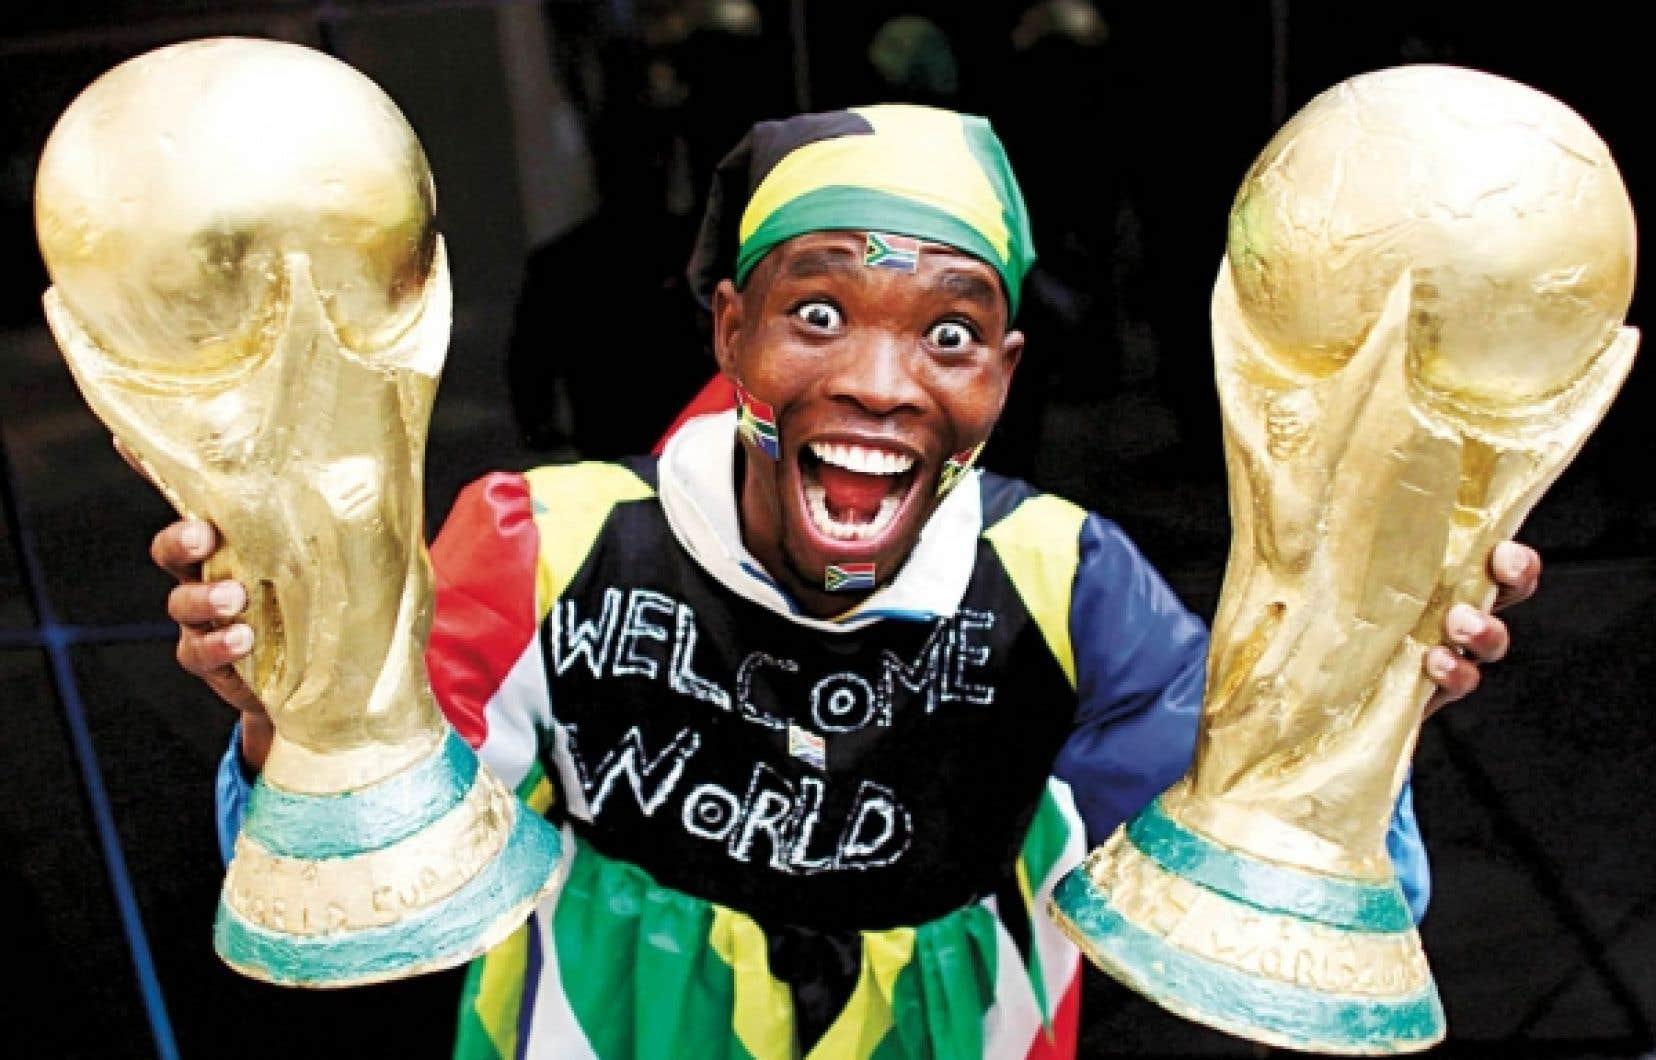 Habillé aux couleurs de l'équipe d'Afrique du Sud, un homme célèbre la grande fête du football qui commence aujourd'hui à Johannesburg.